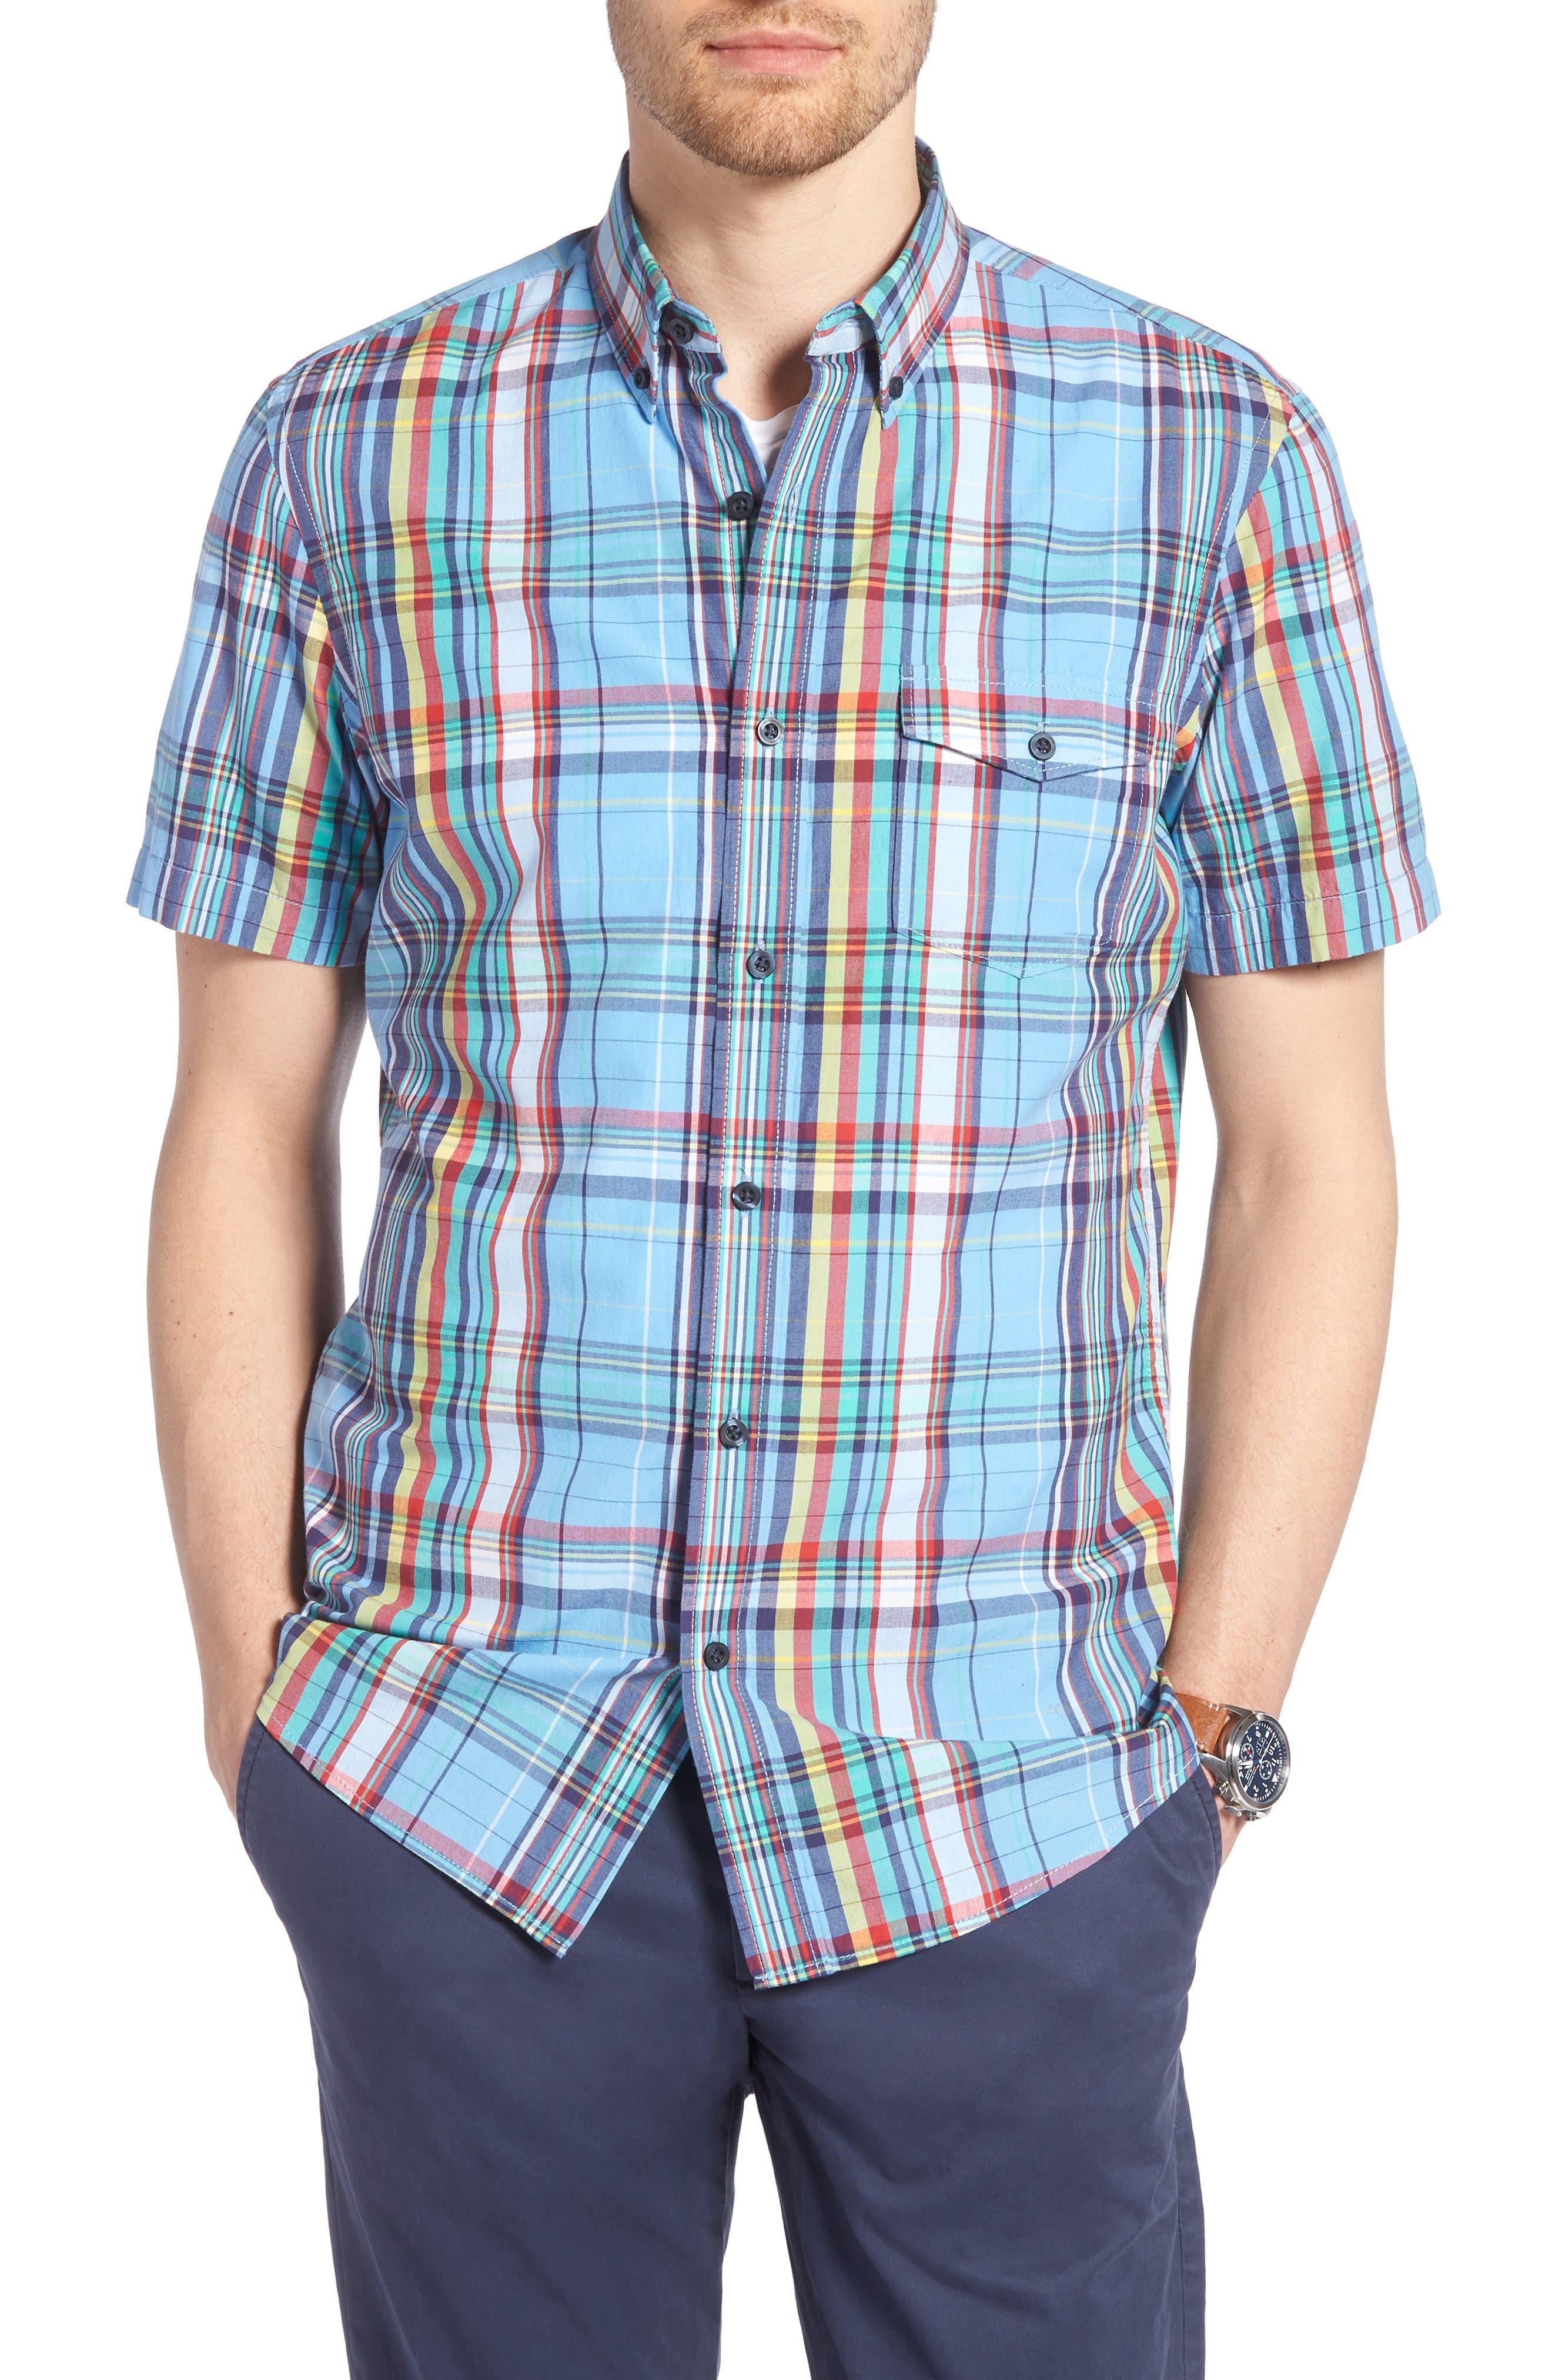 Ivy Trim Fit Madras Plaid Sport Shirt,                             Main thumbnail 1, color,                             Blue Chambray Multi Plaid